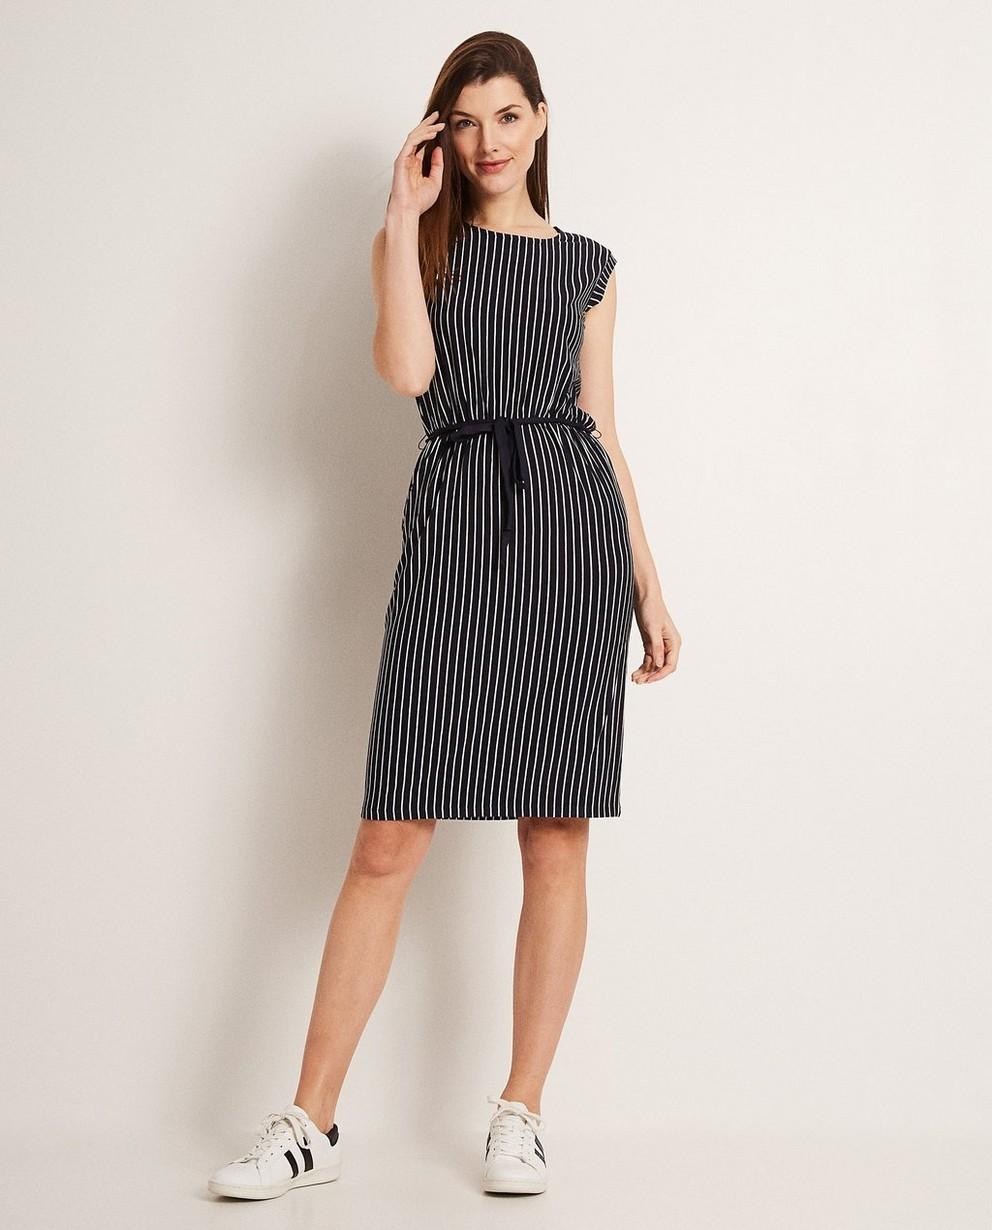 Zwart kleedje met strepenprint  - In donkerblauw - JBC